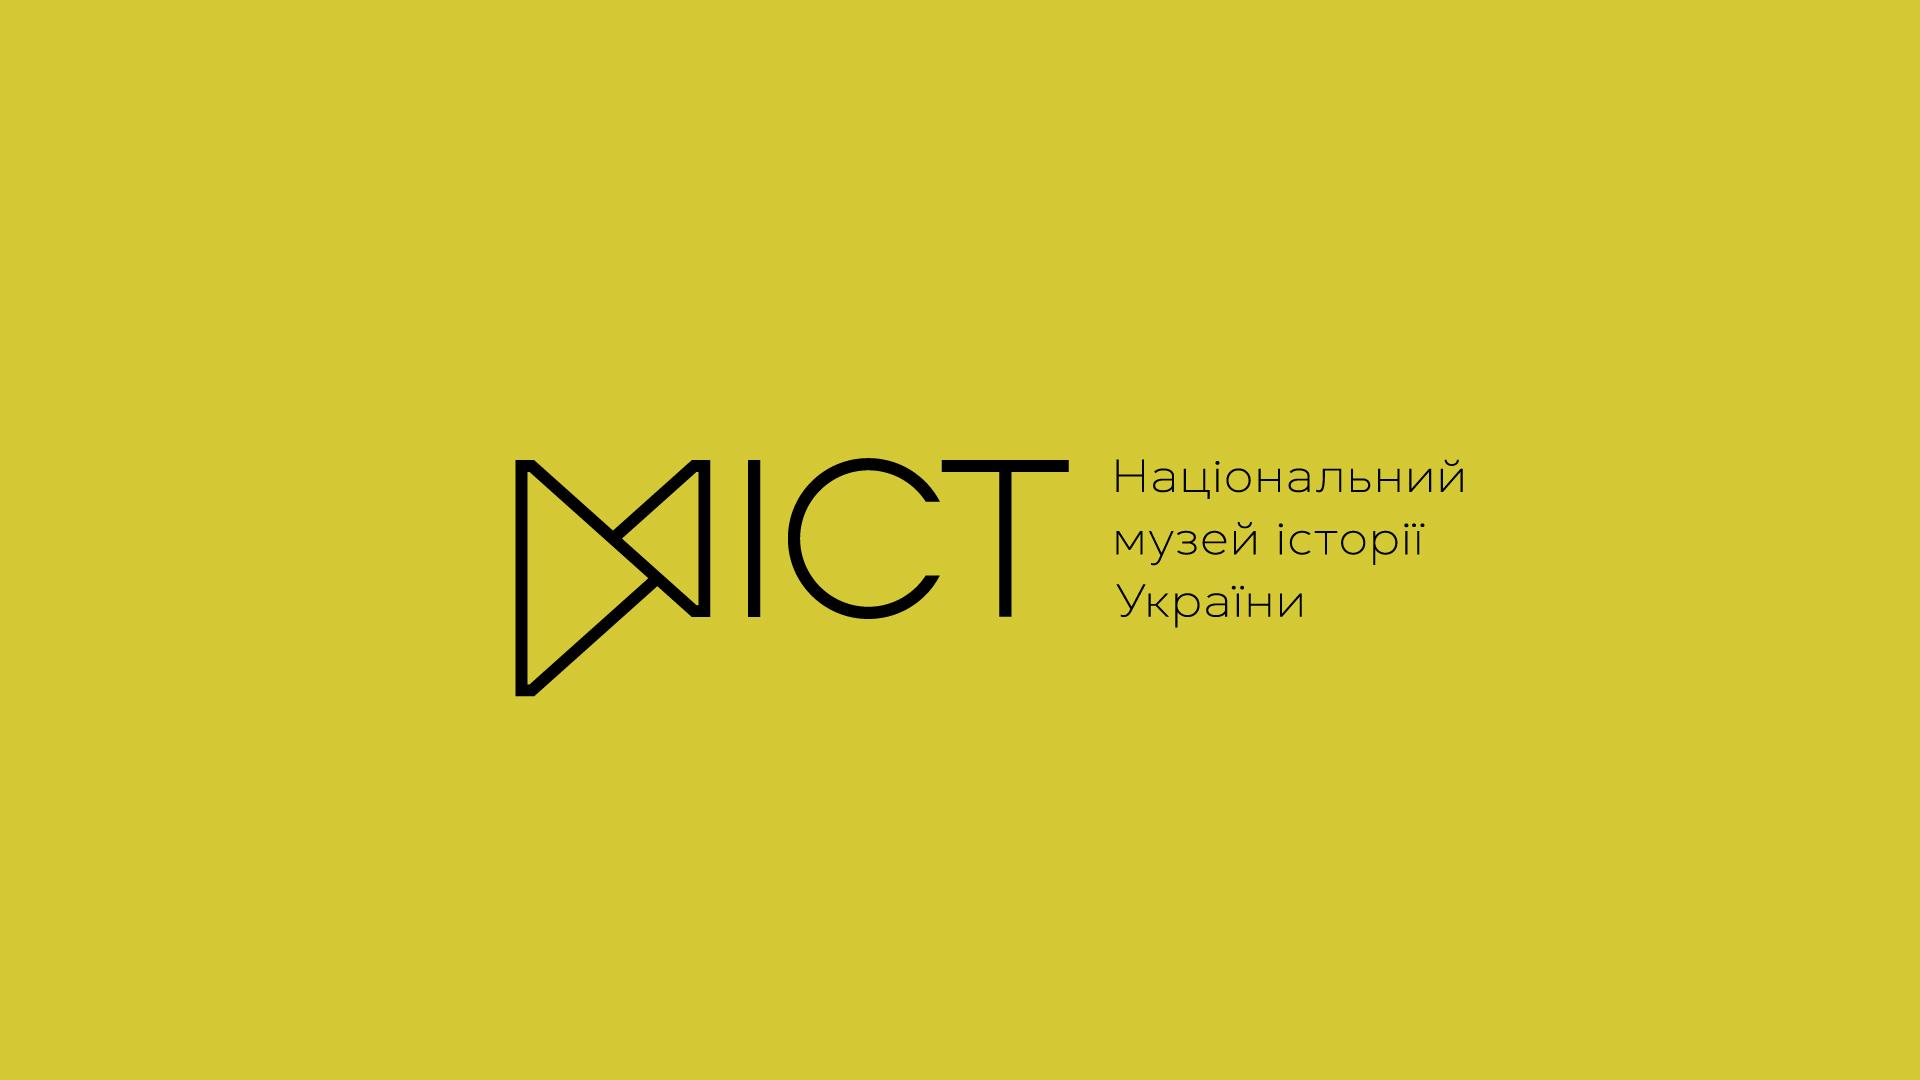 Національний музей історії України презентує ребрендинг